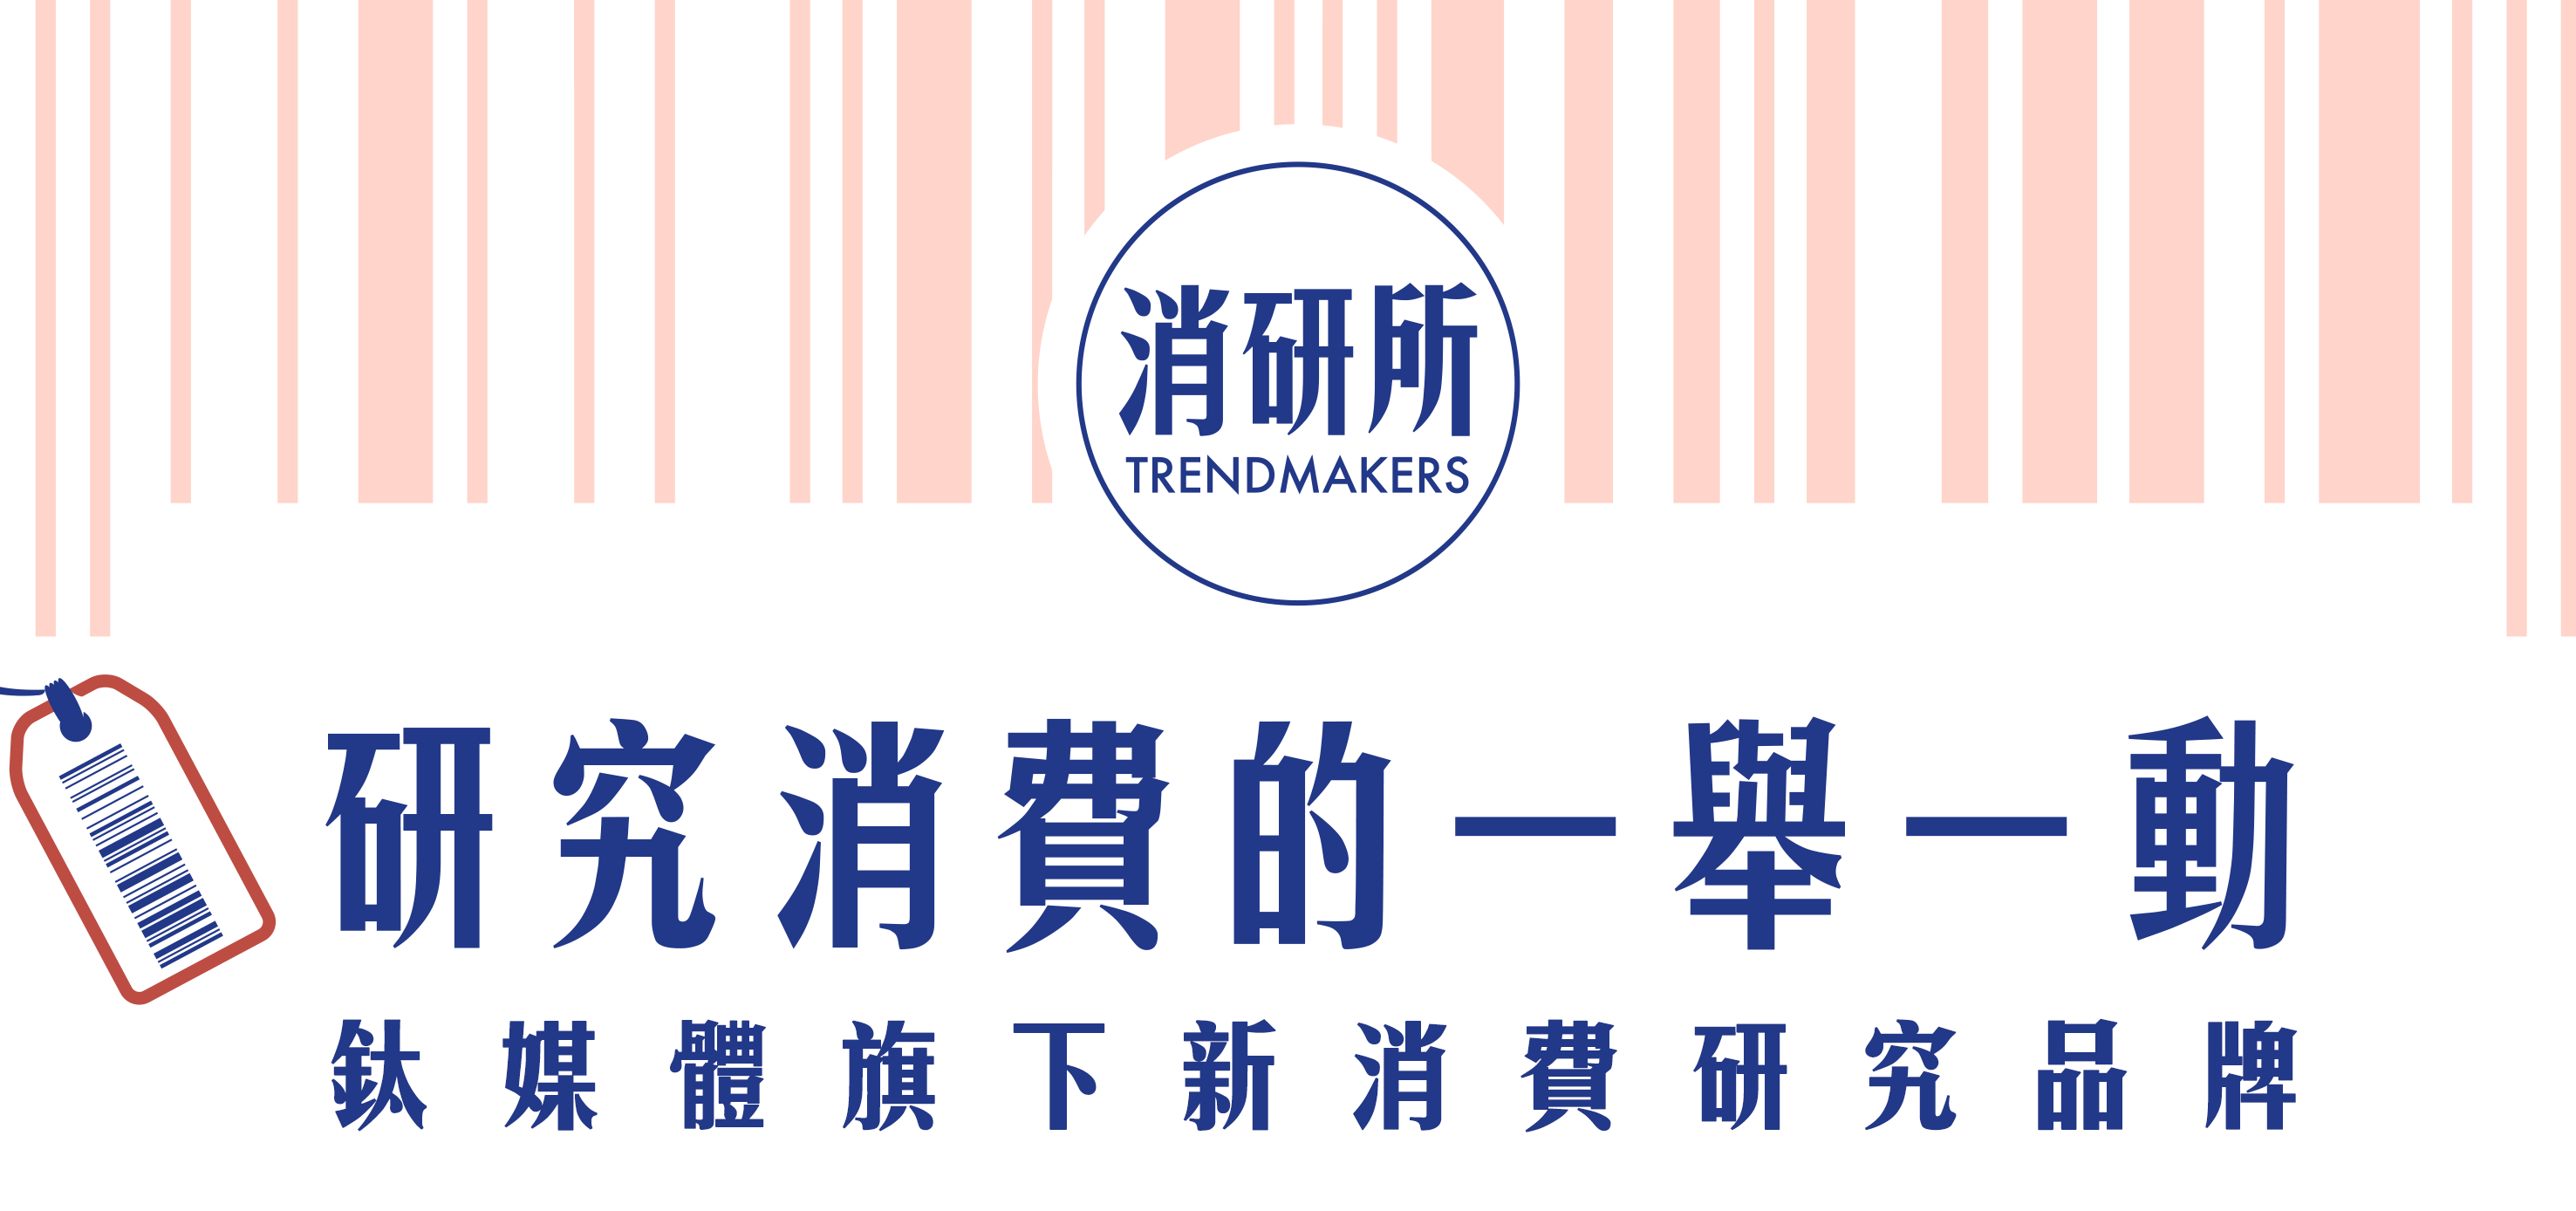 """丁磊在快手开启直播首秀;QQ内测""""拼团""""电商;"""